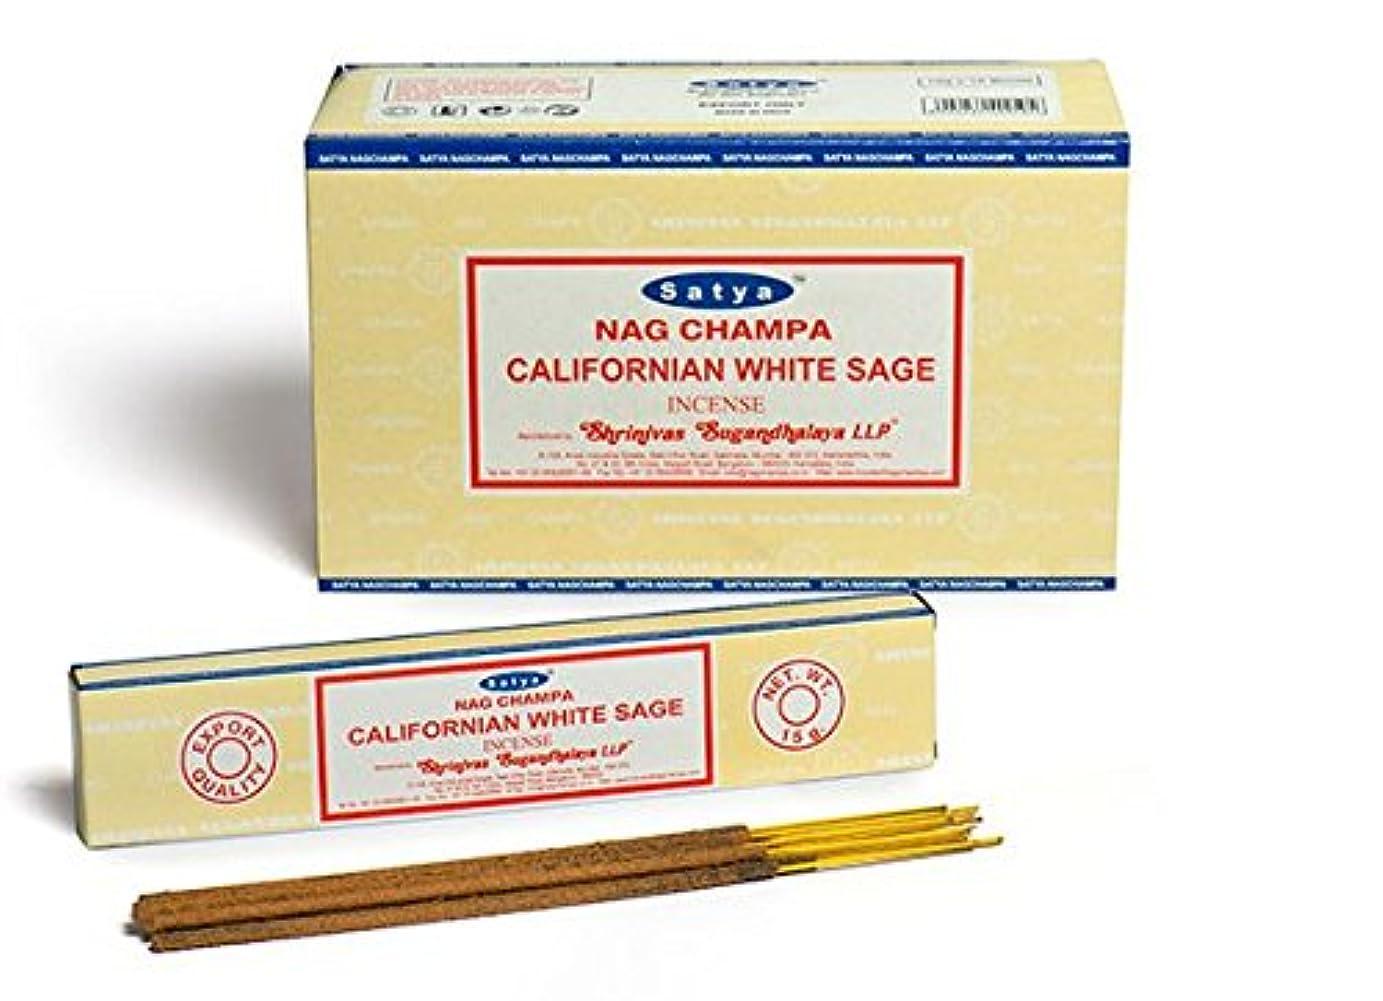 なだめるテーブル世界記録のギネスブックSatya Nag Champa カリフォルニアホワイトセージ香スティック Agarbatti 180グラムボックス | 15グラム入り12パック 箱入り | 輸出品質